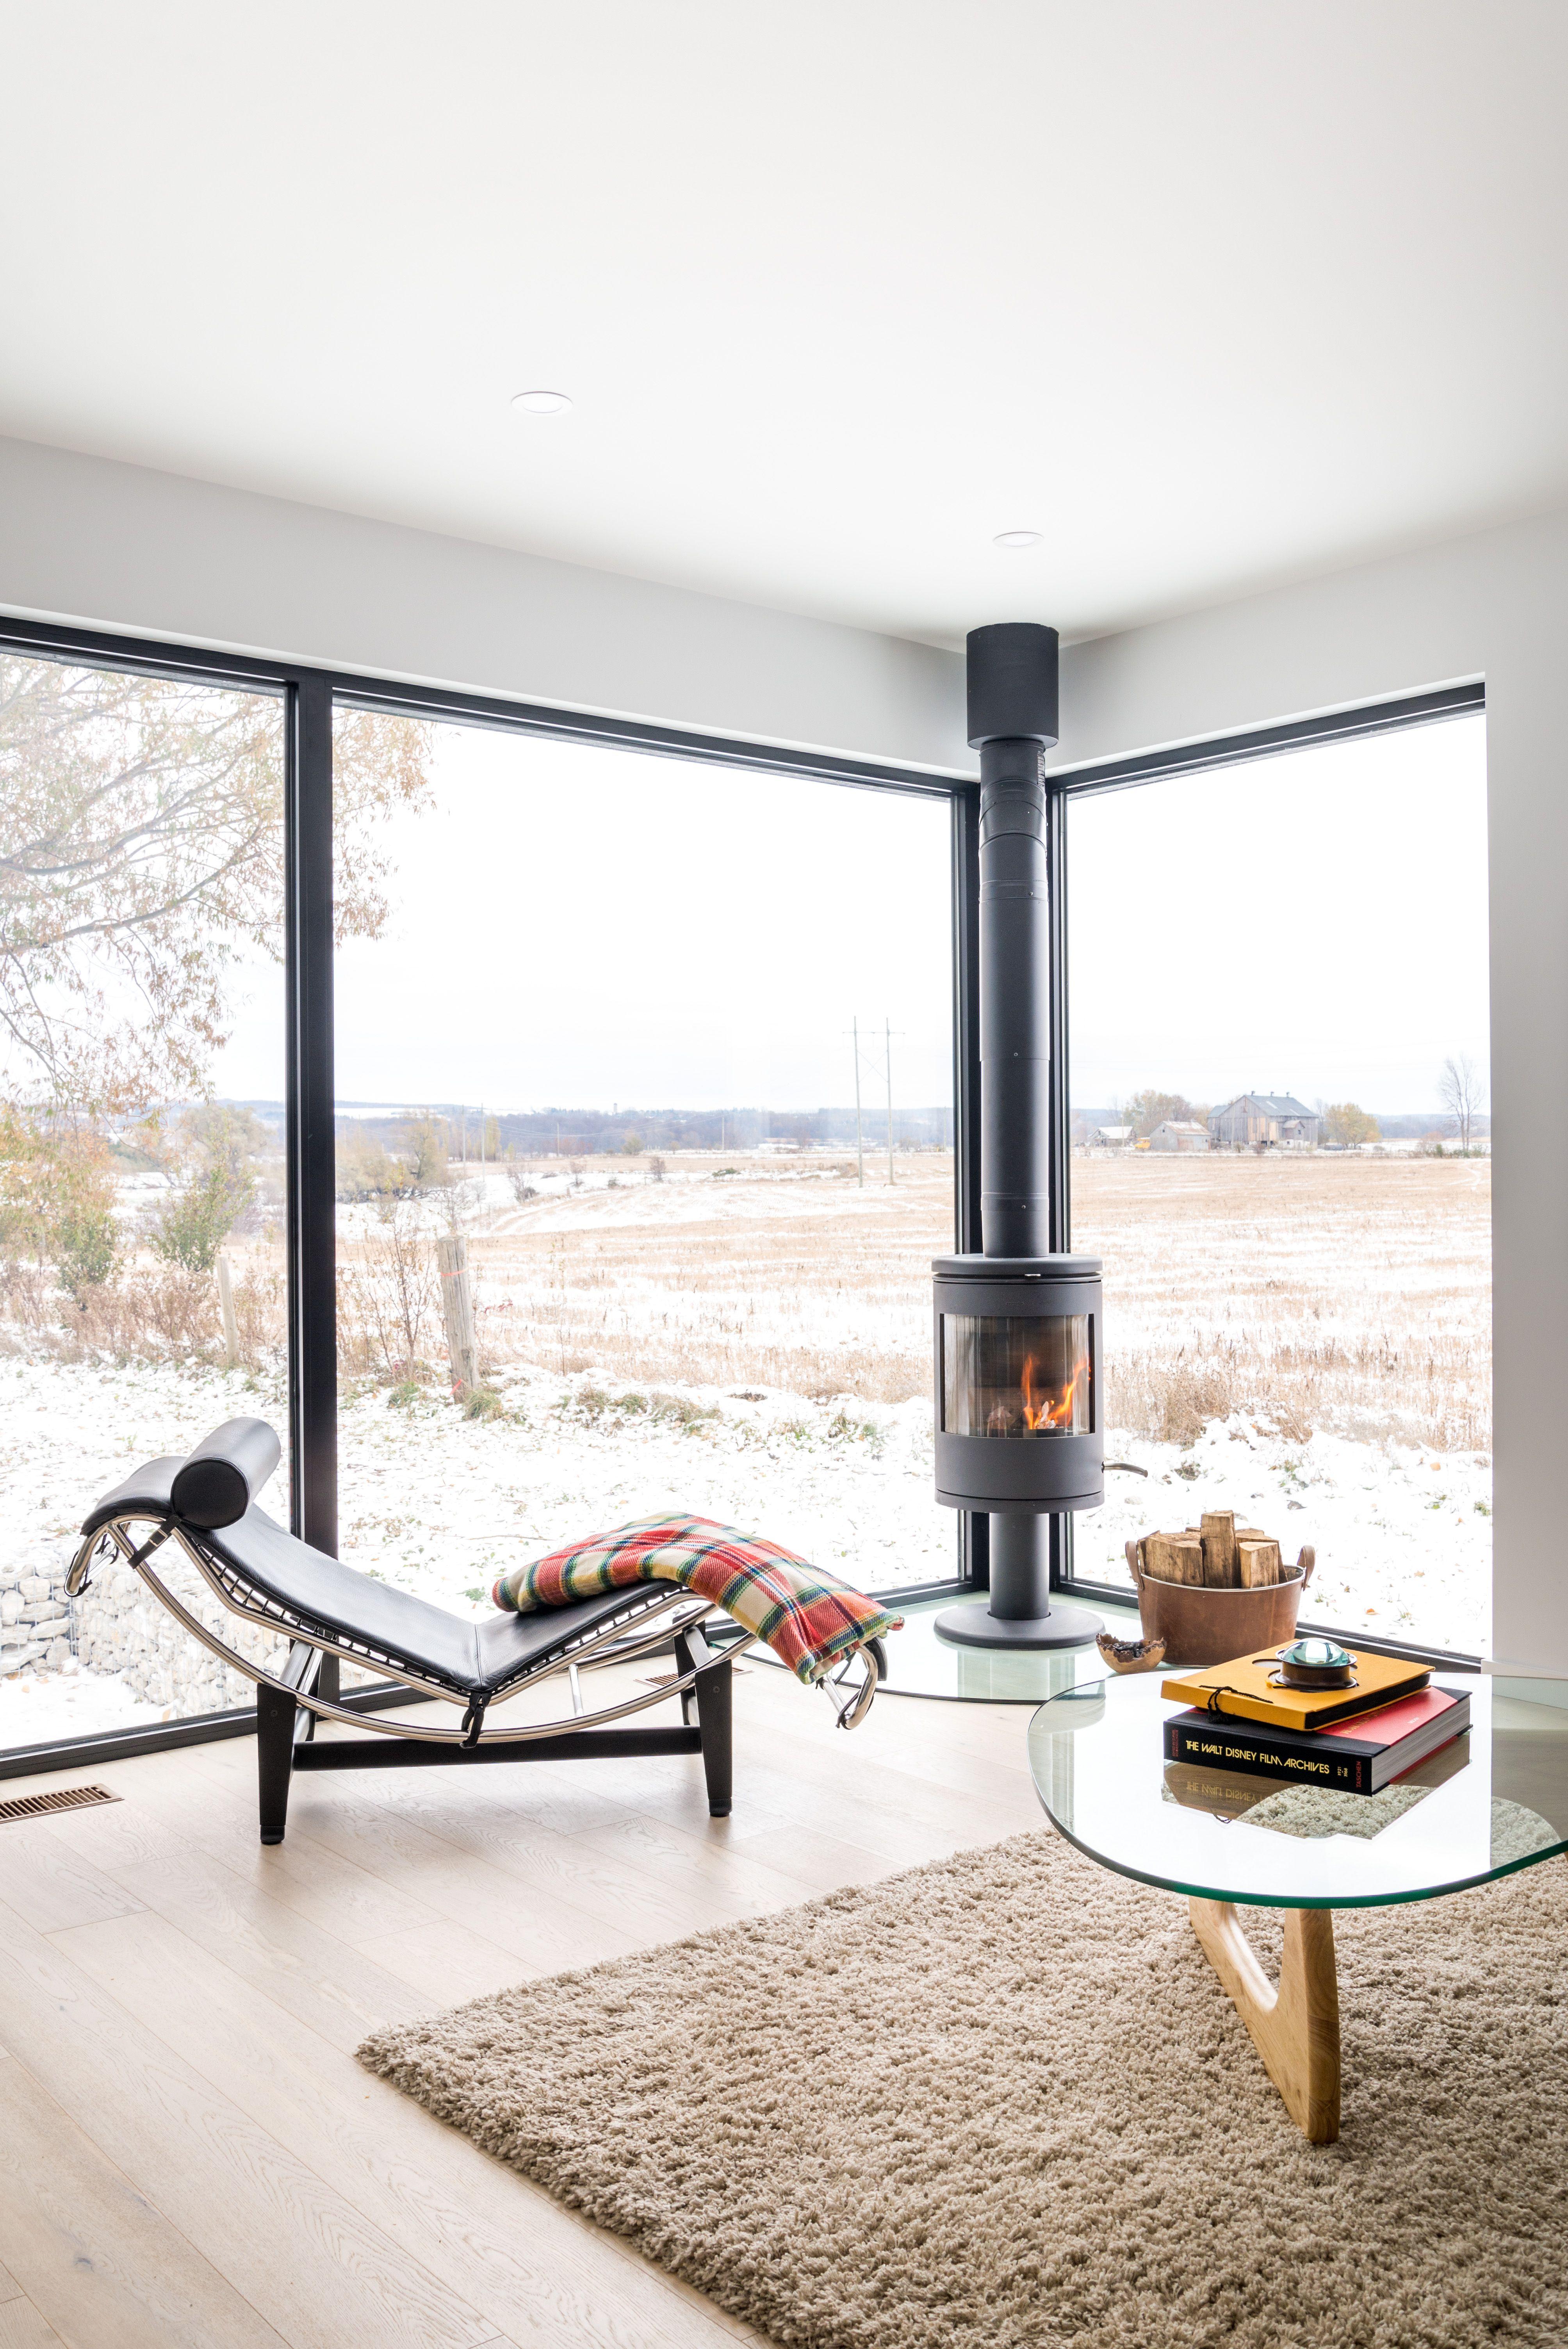 Windows Doors Home Customhome Design Glass Dreamhome Tiltco